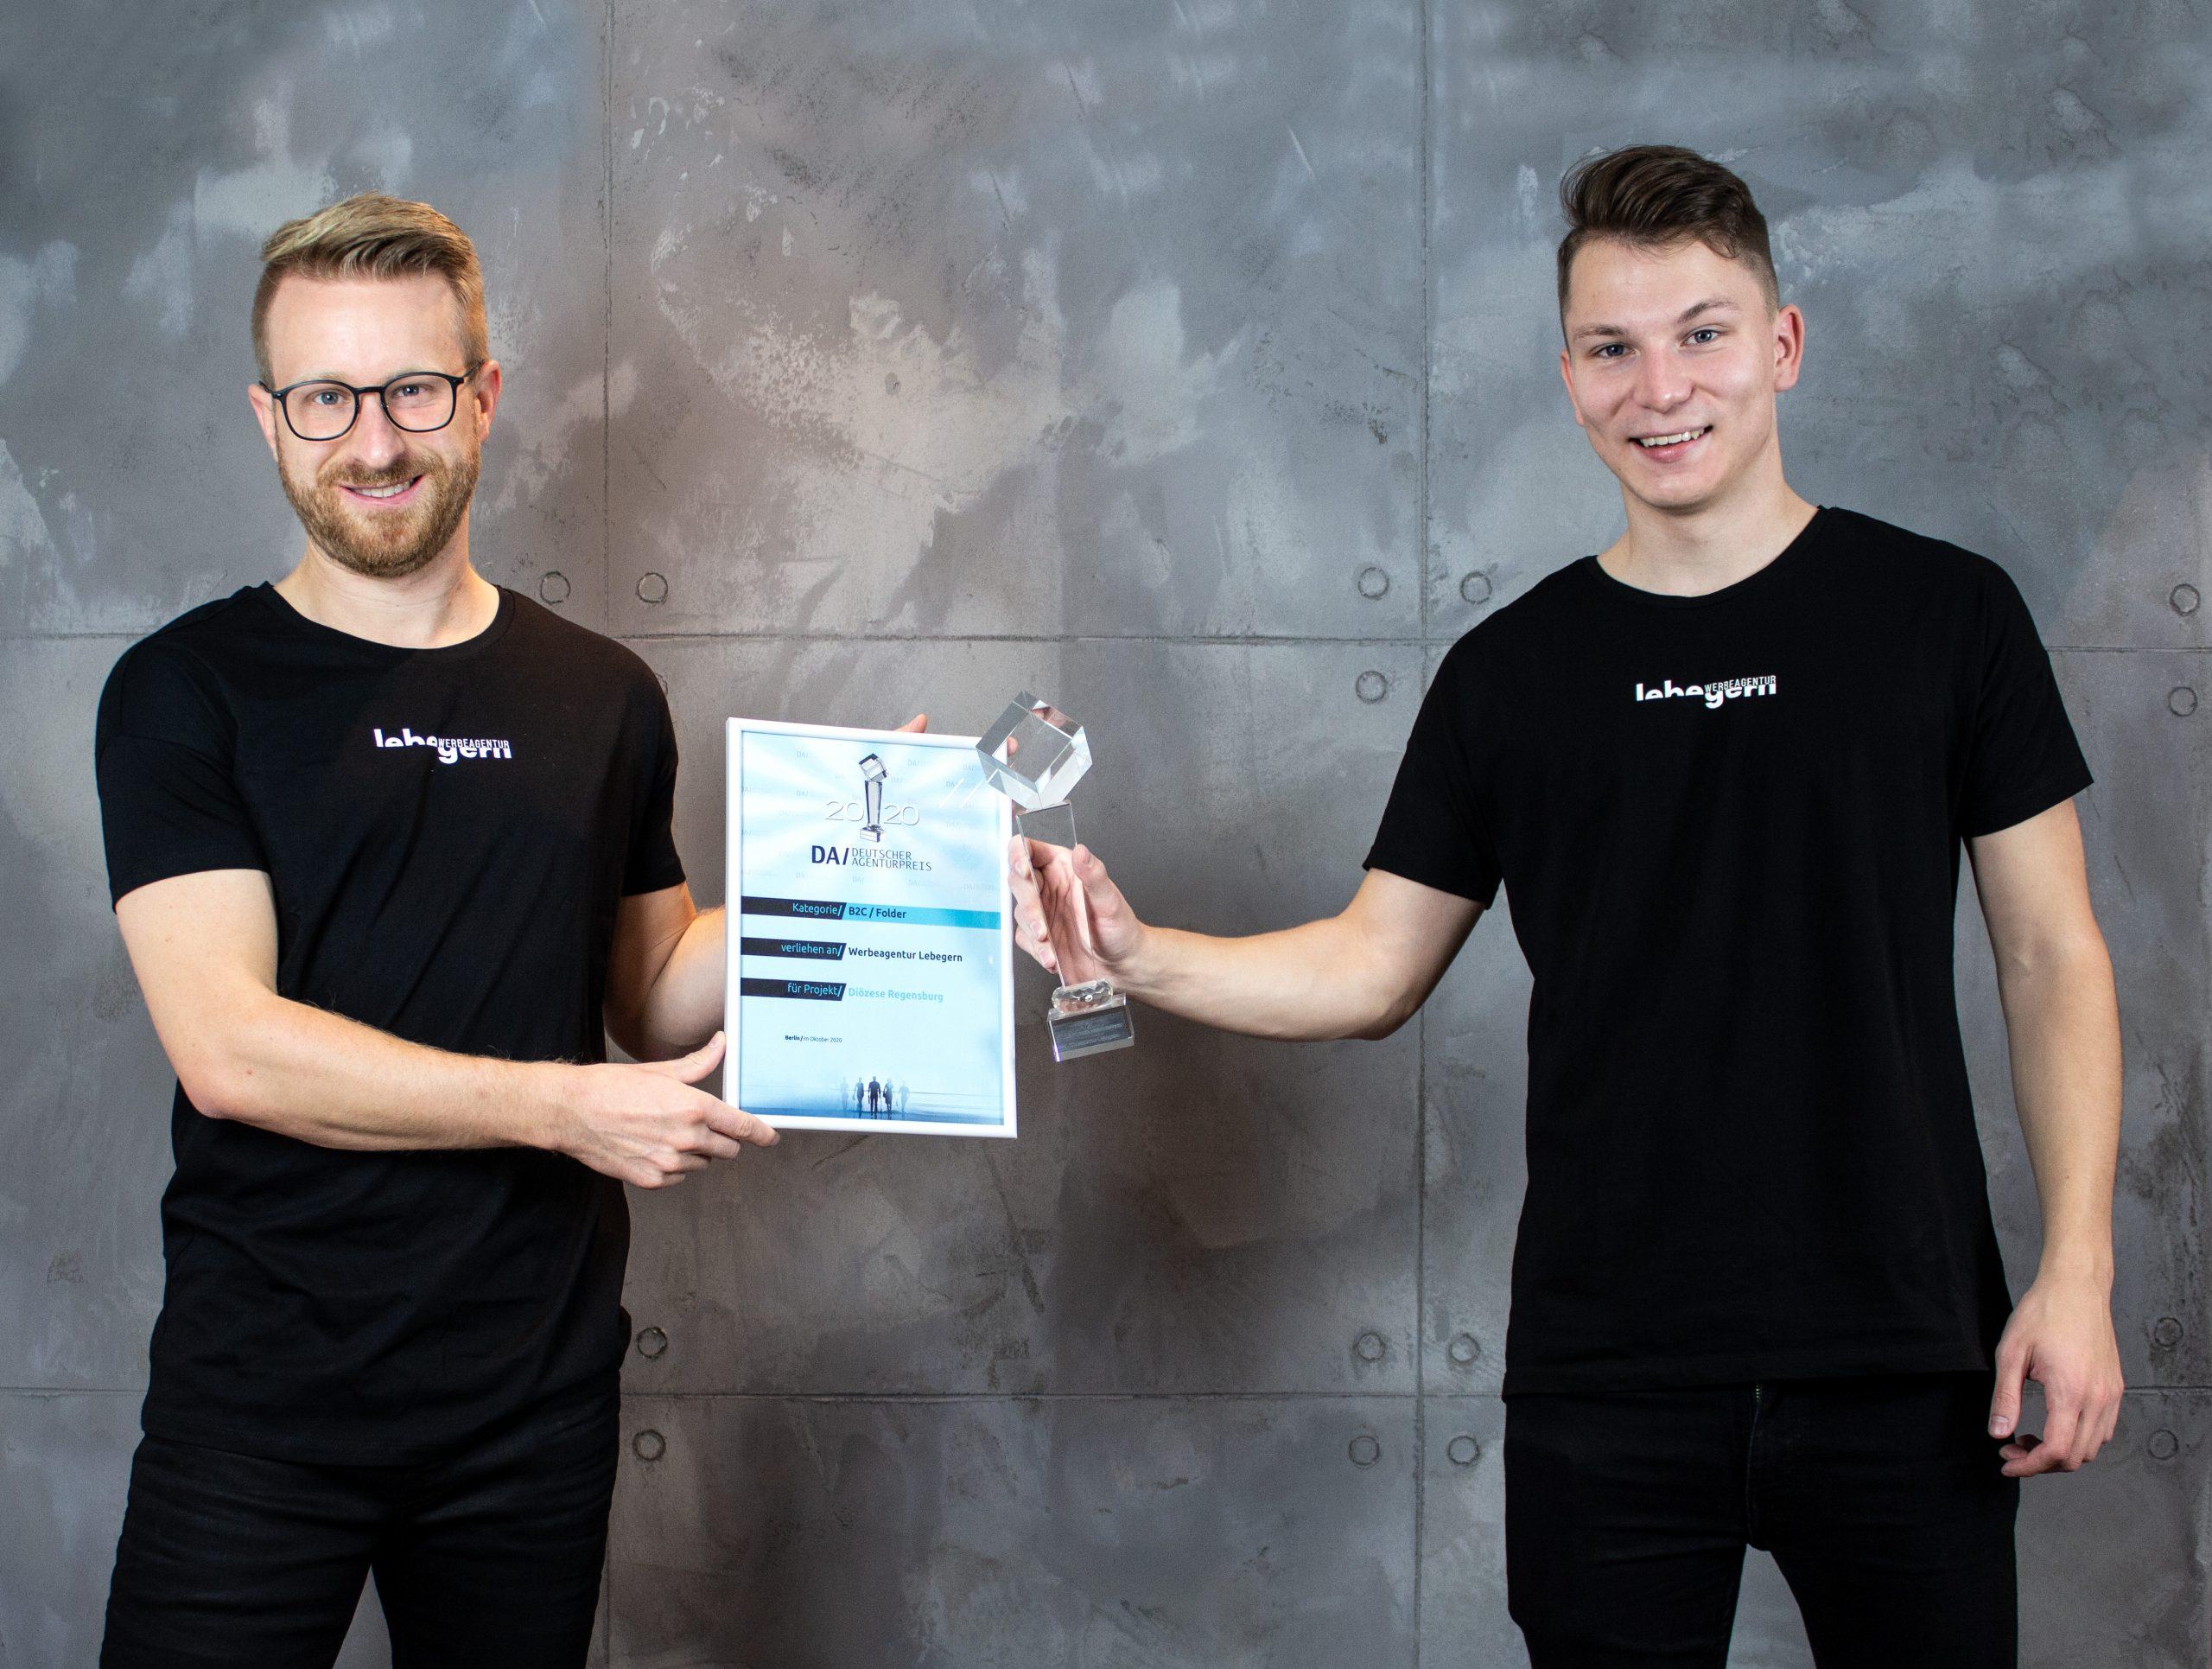 """Thomas Lebegern (r.) und Sebastian Gmeiner (l.) von der Windischeschenbacher """"Werbeagentur Lebegern"""" sind letzte Woche wiederum mit dem """"Deutschen Agenturpreis 2020"""" ausgezeichnet worden. Dieses Mal in der Kategorie """"B2C/Flyer""""."""